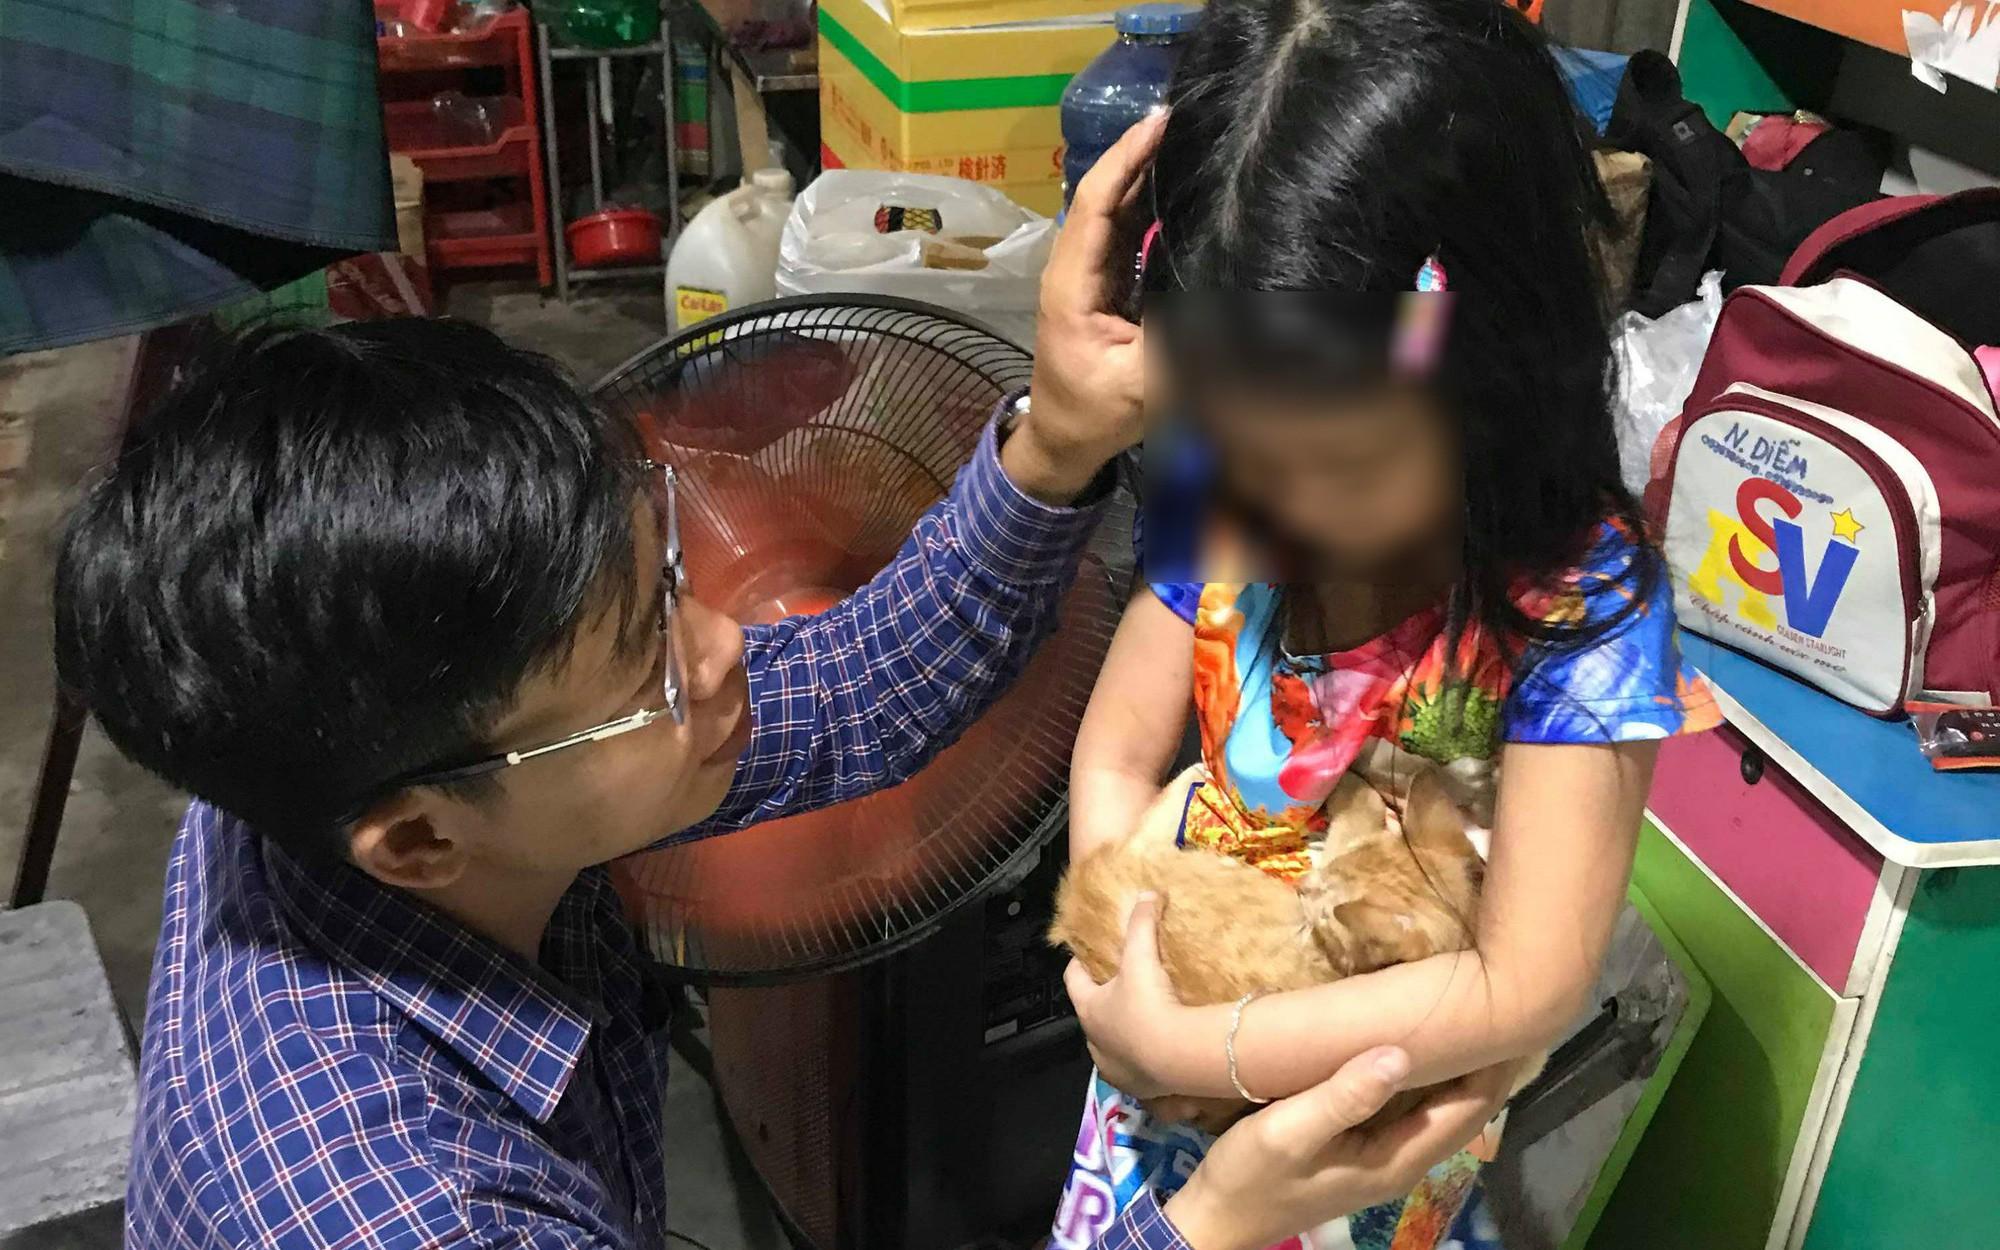 Vụ bé gái 5 tuổi bị cô giáo tát: Phát hiện cục máu trong tai bé, gia đình gửi đơn tới Hội Bảo vệ Quyền trẻ em TP.HCM